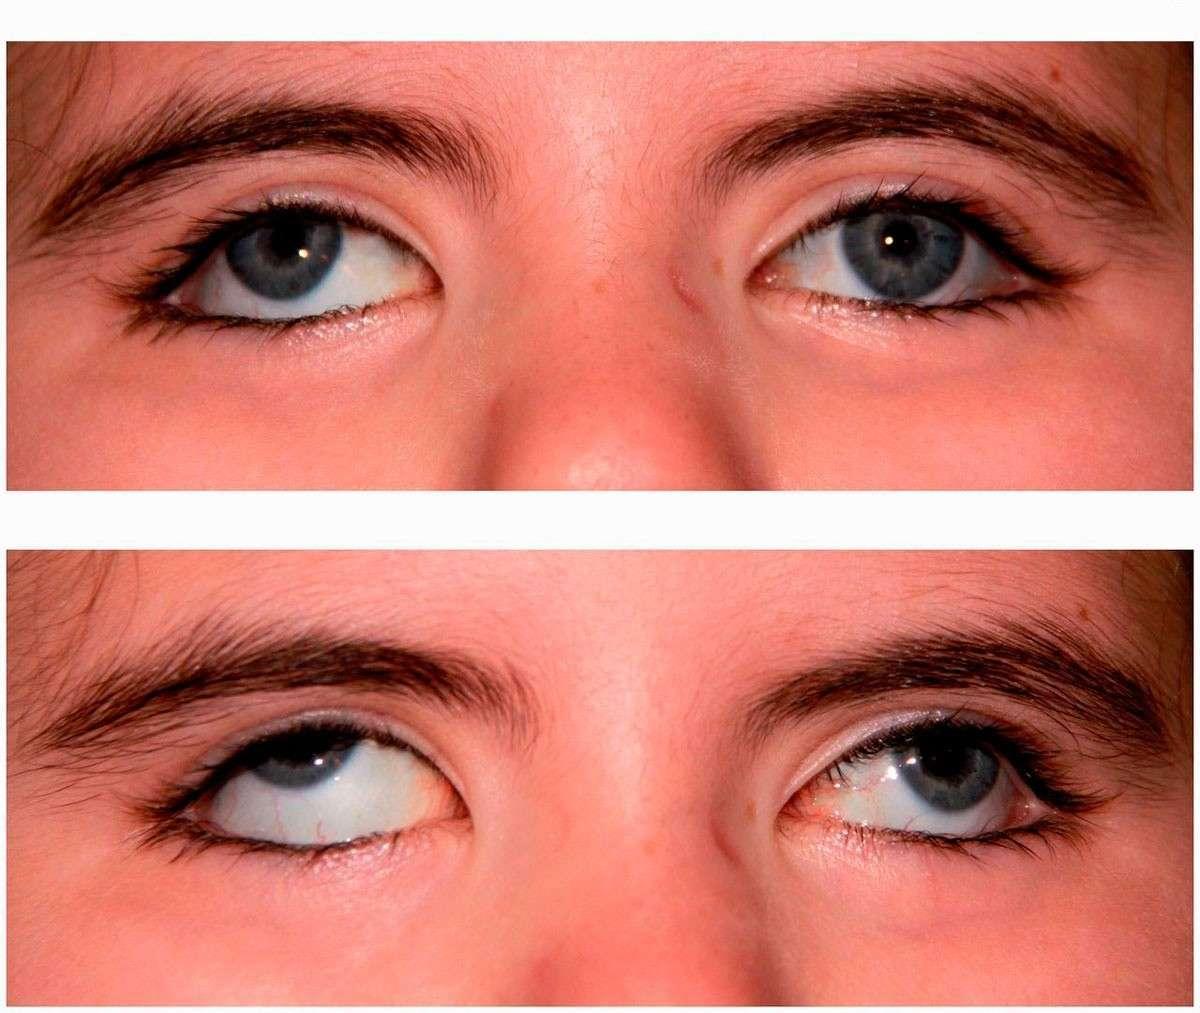 инсульт глаза лечение симптомы